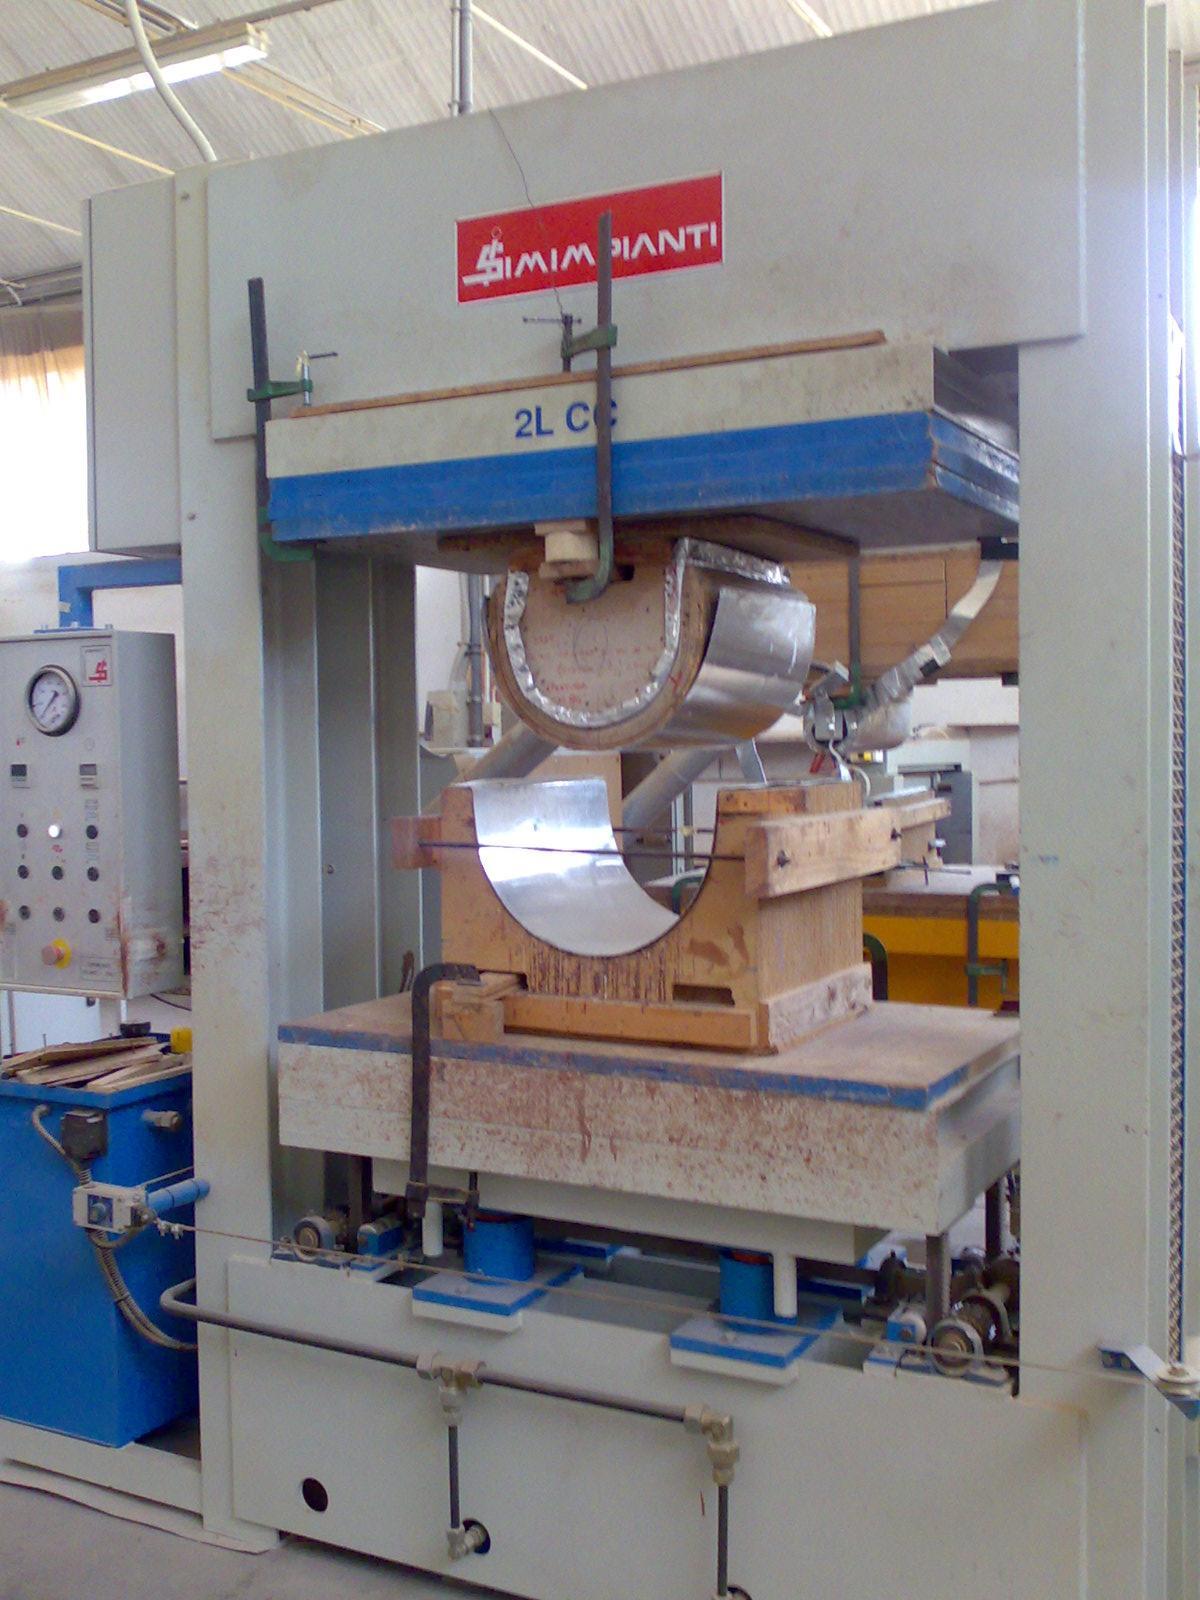 Pressa idraulica usata marchio simimpianti mod 2lcc for Pressa per tubi idraulici usata